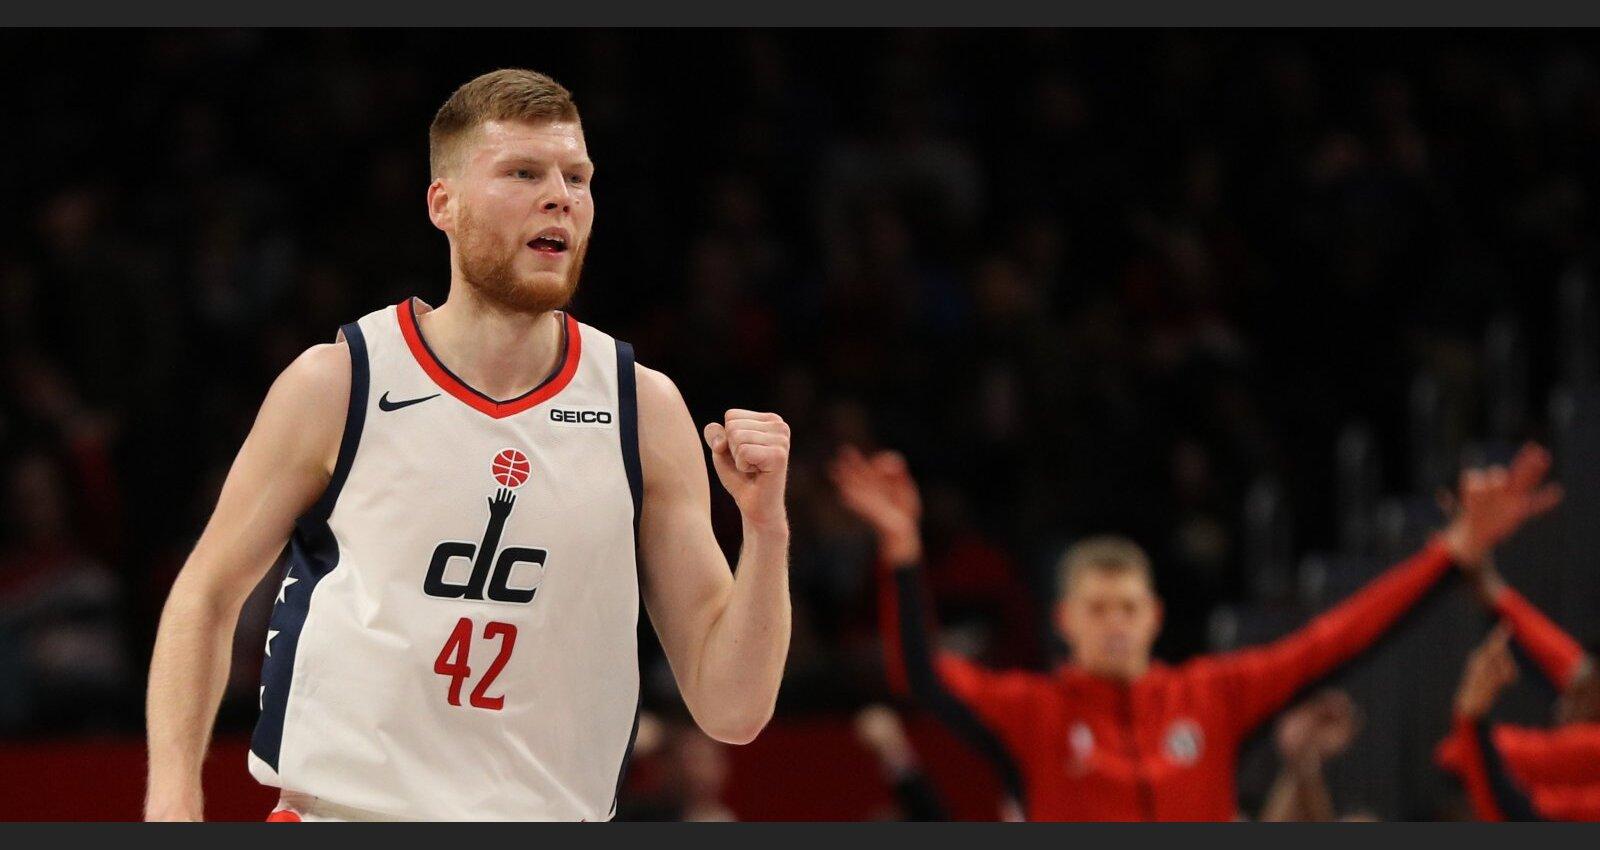 Bertāns pret Lauvu: bijušie NBA spēlētāja pārstāvji grib piedzīt vairākus miljonus